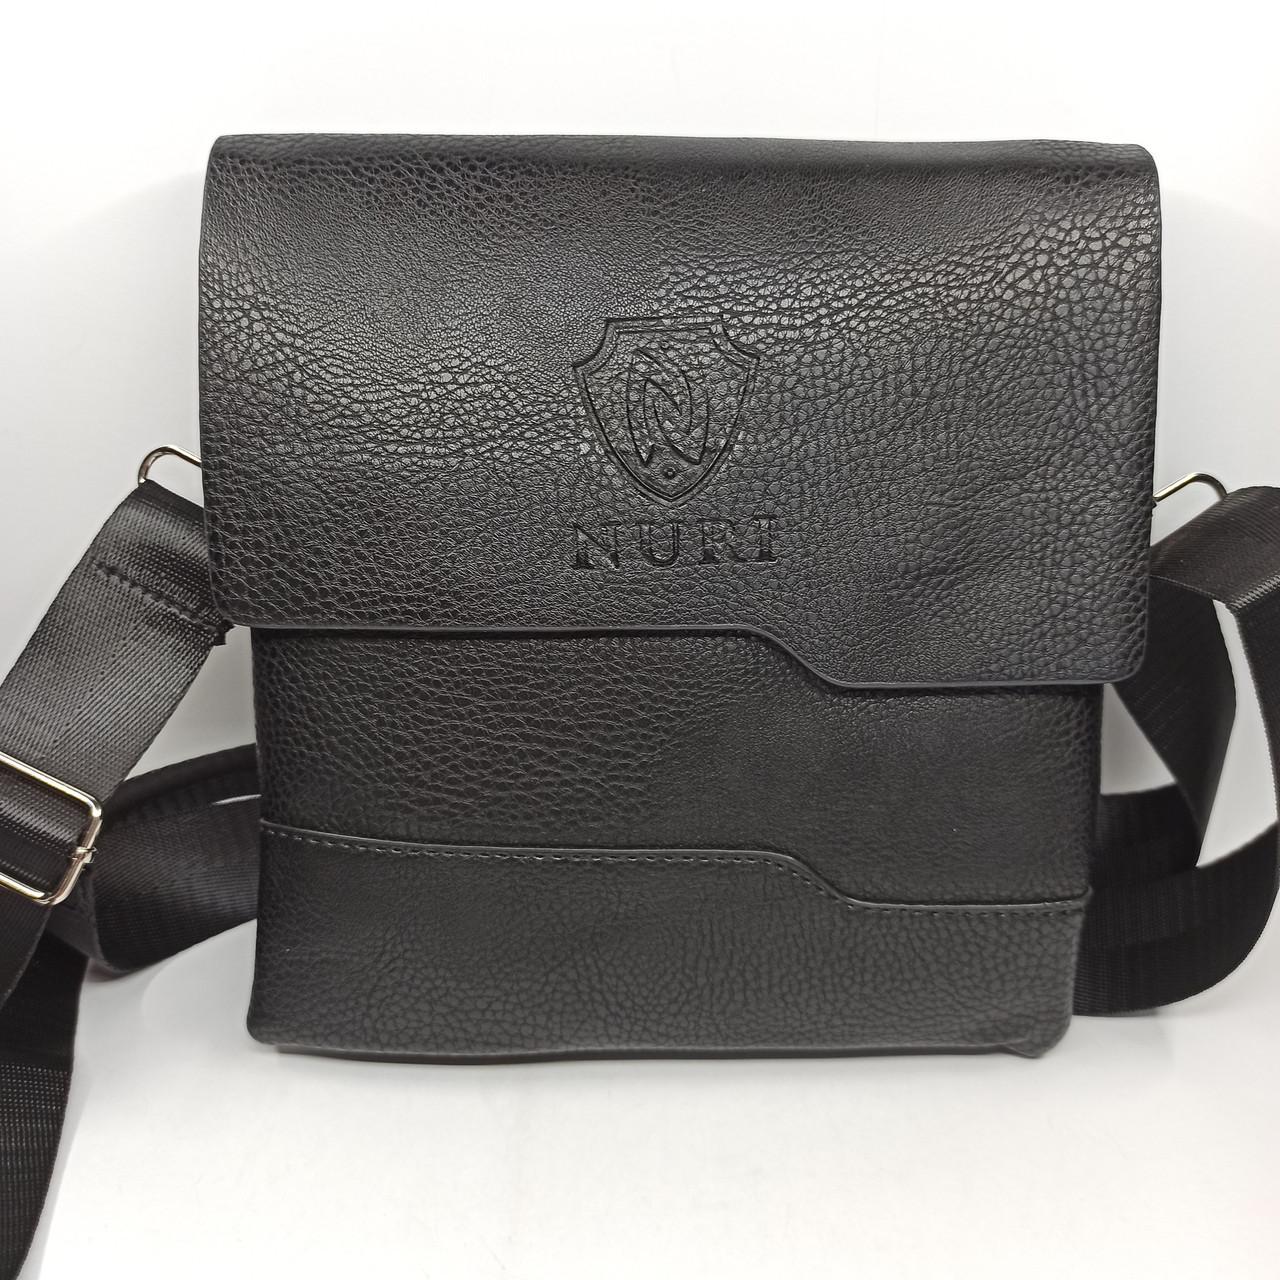 Шкіряна чоловіча сумка через плече / Мужская кожаная сумка через плечо PUM010